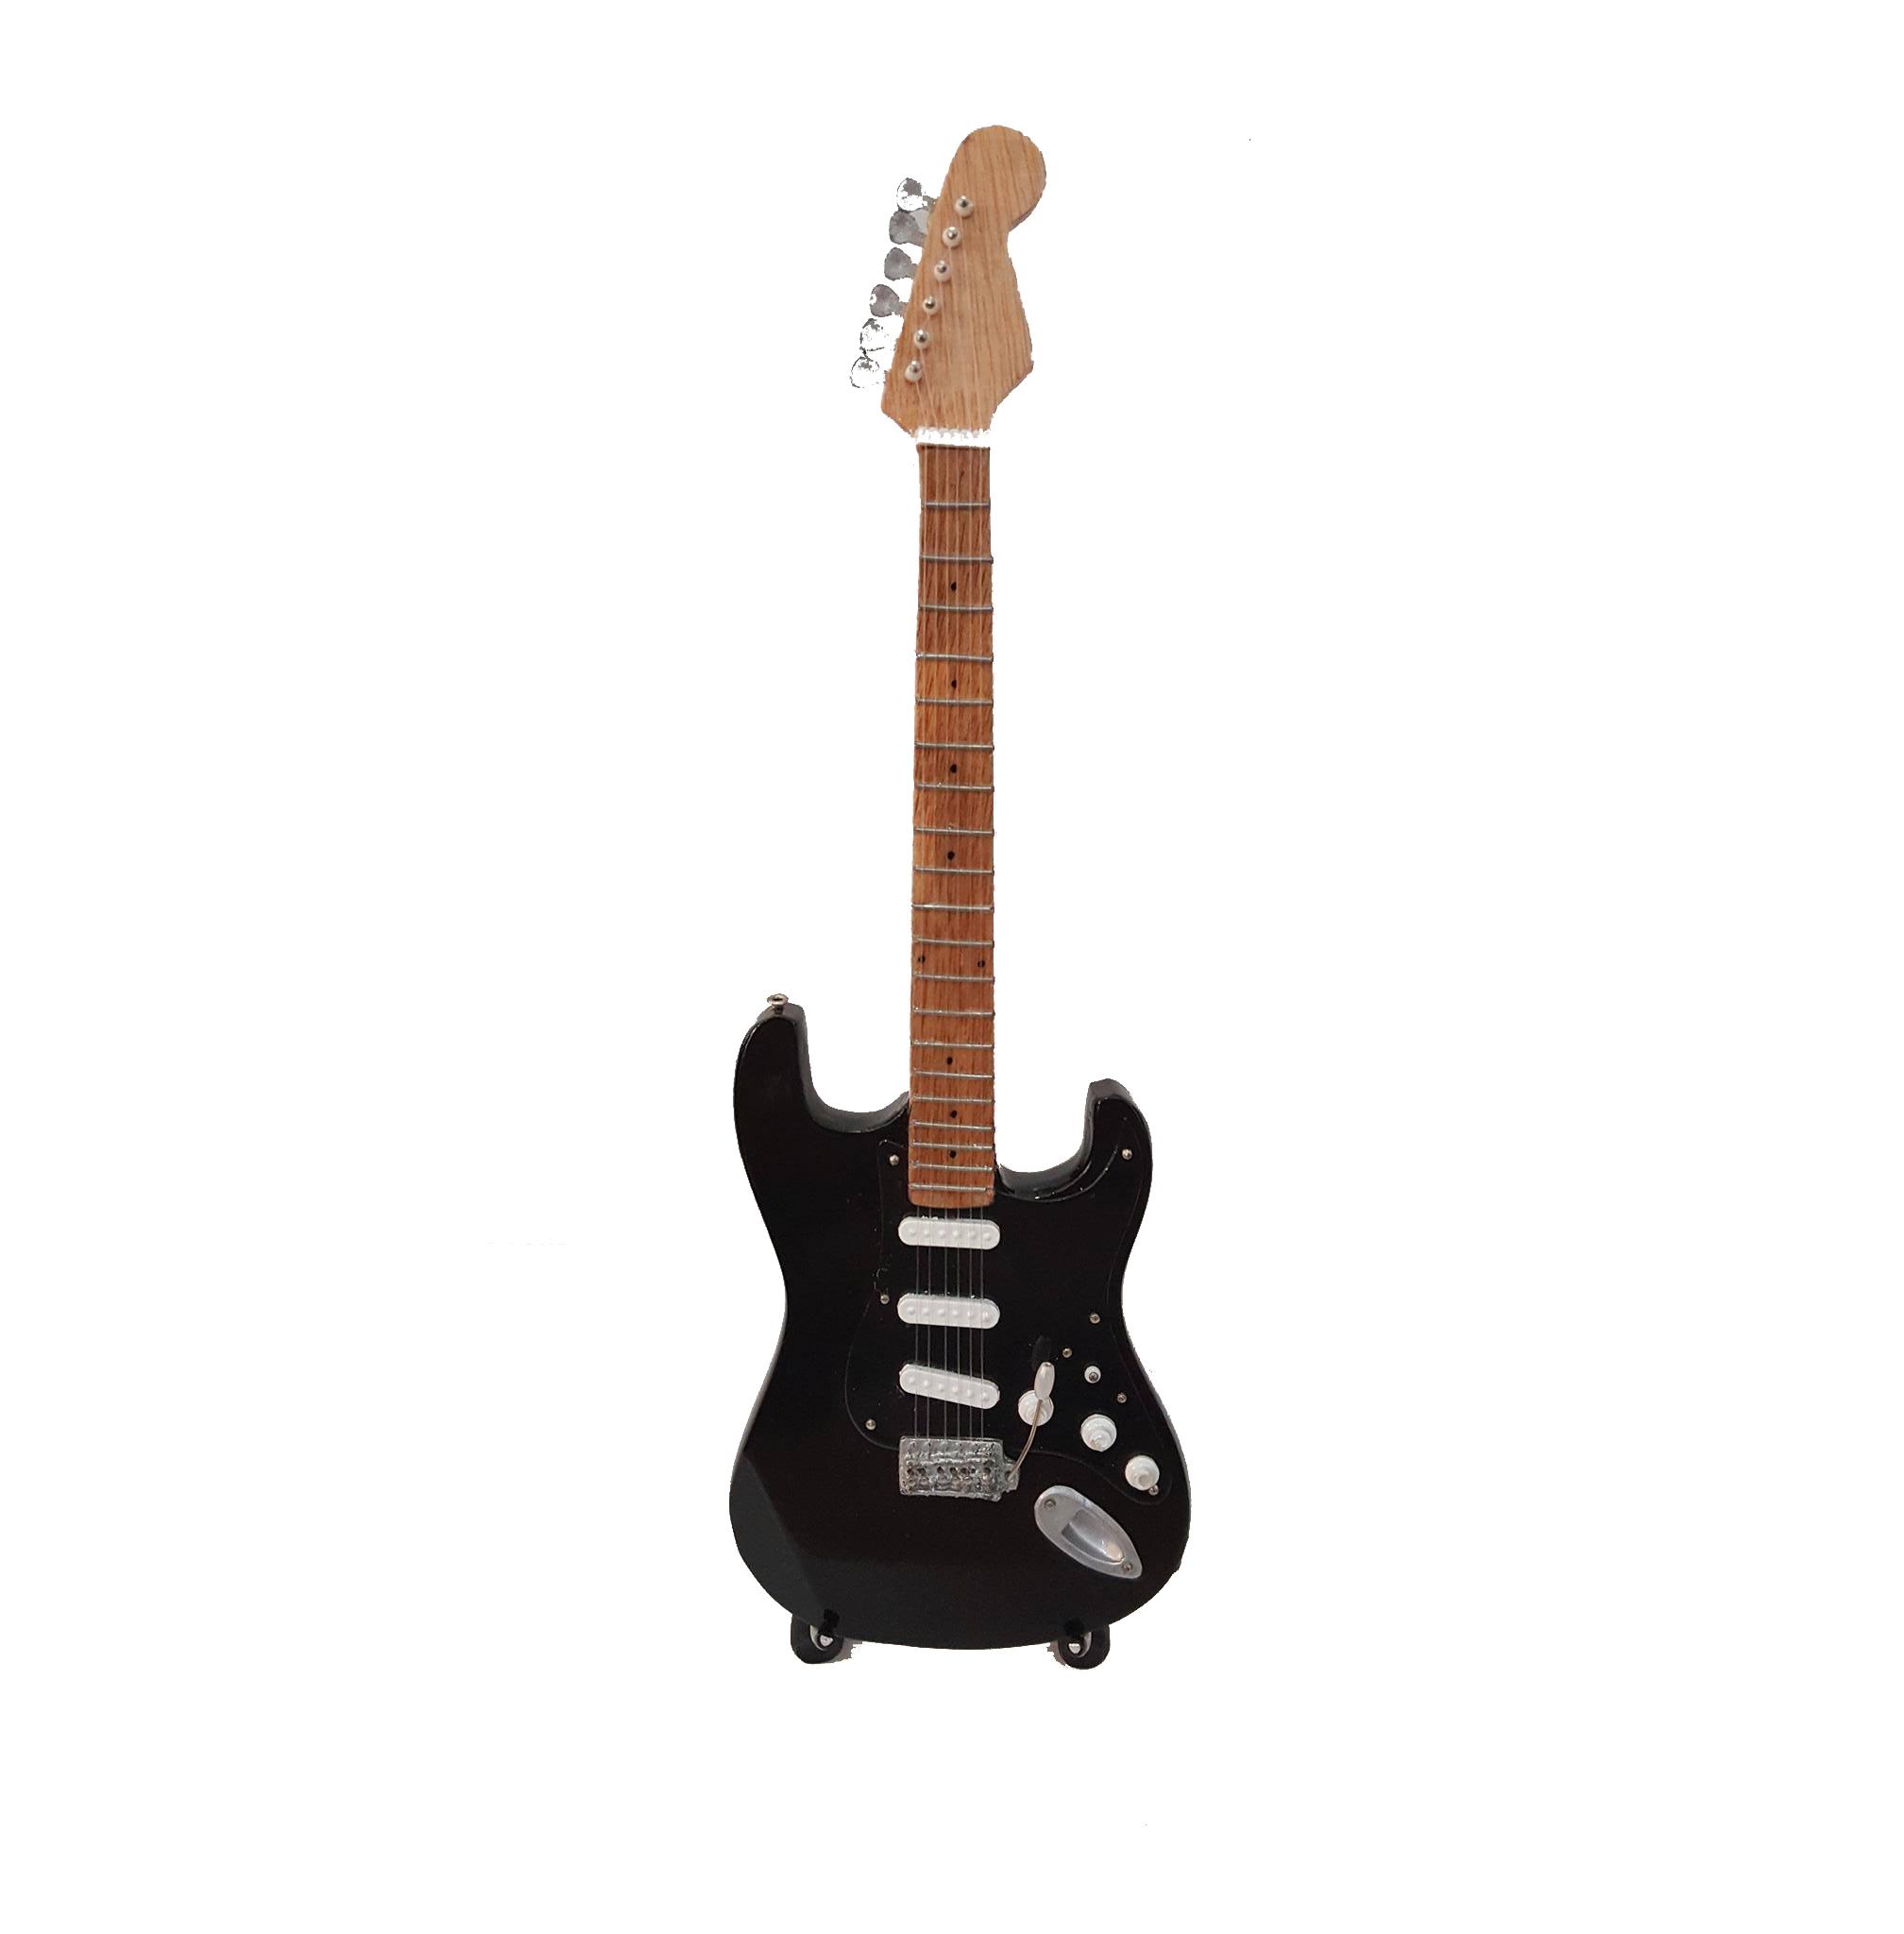 Mini Guitar กีต้าร์จำลอง